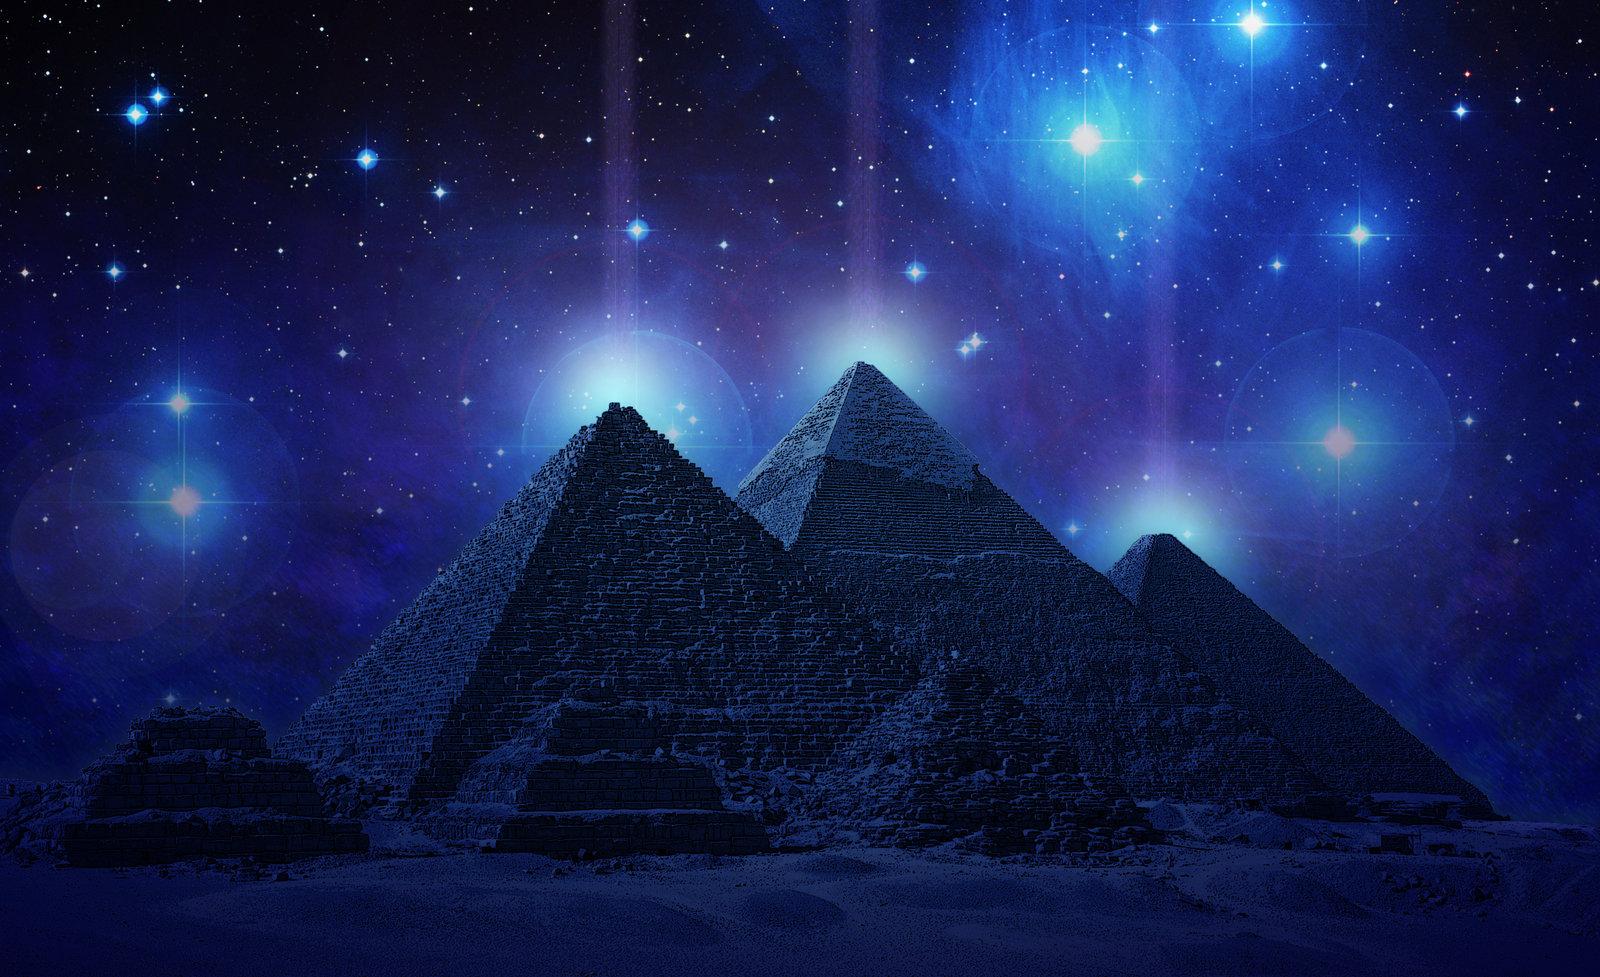 главное, пирамиды и космос картинки плечи шея смотрятся